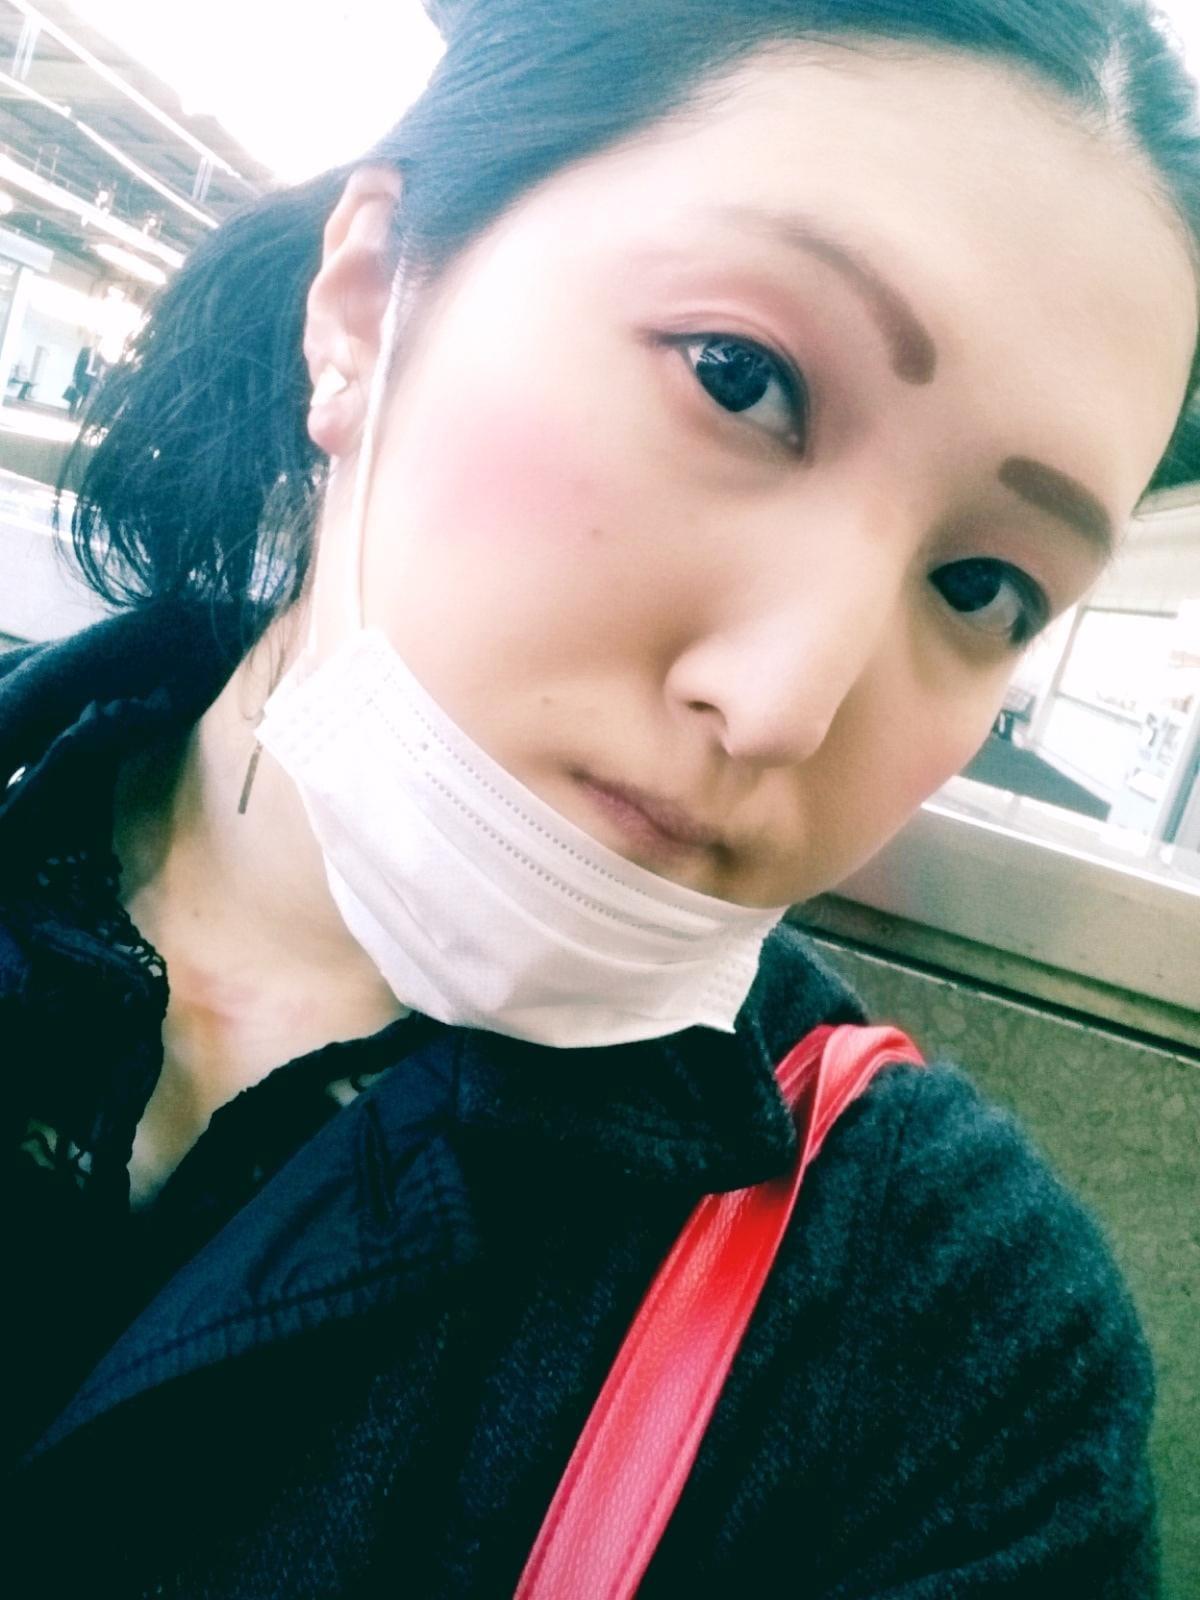 「☆10代の頃の プチ経歴小話を(*?ω?*)☆」11/14(11/14) 16:21   みりあの写メ・風俗動画